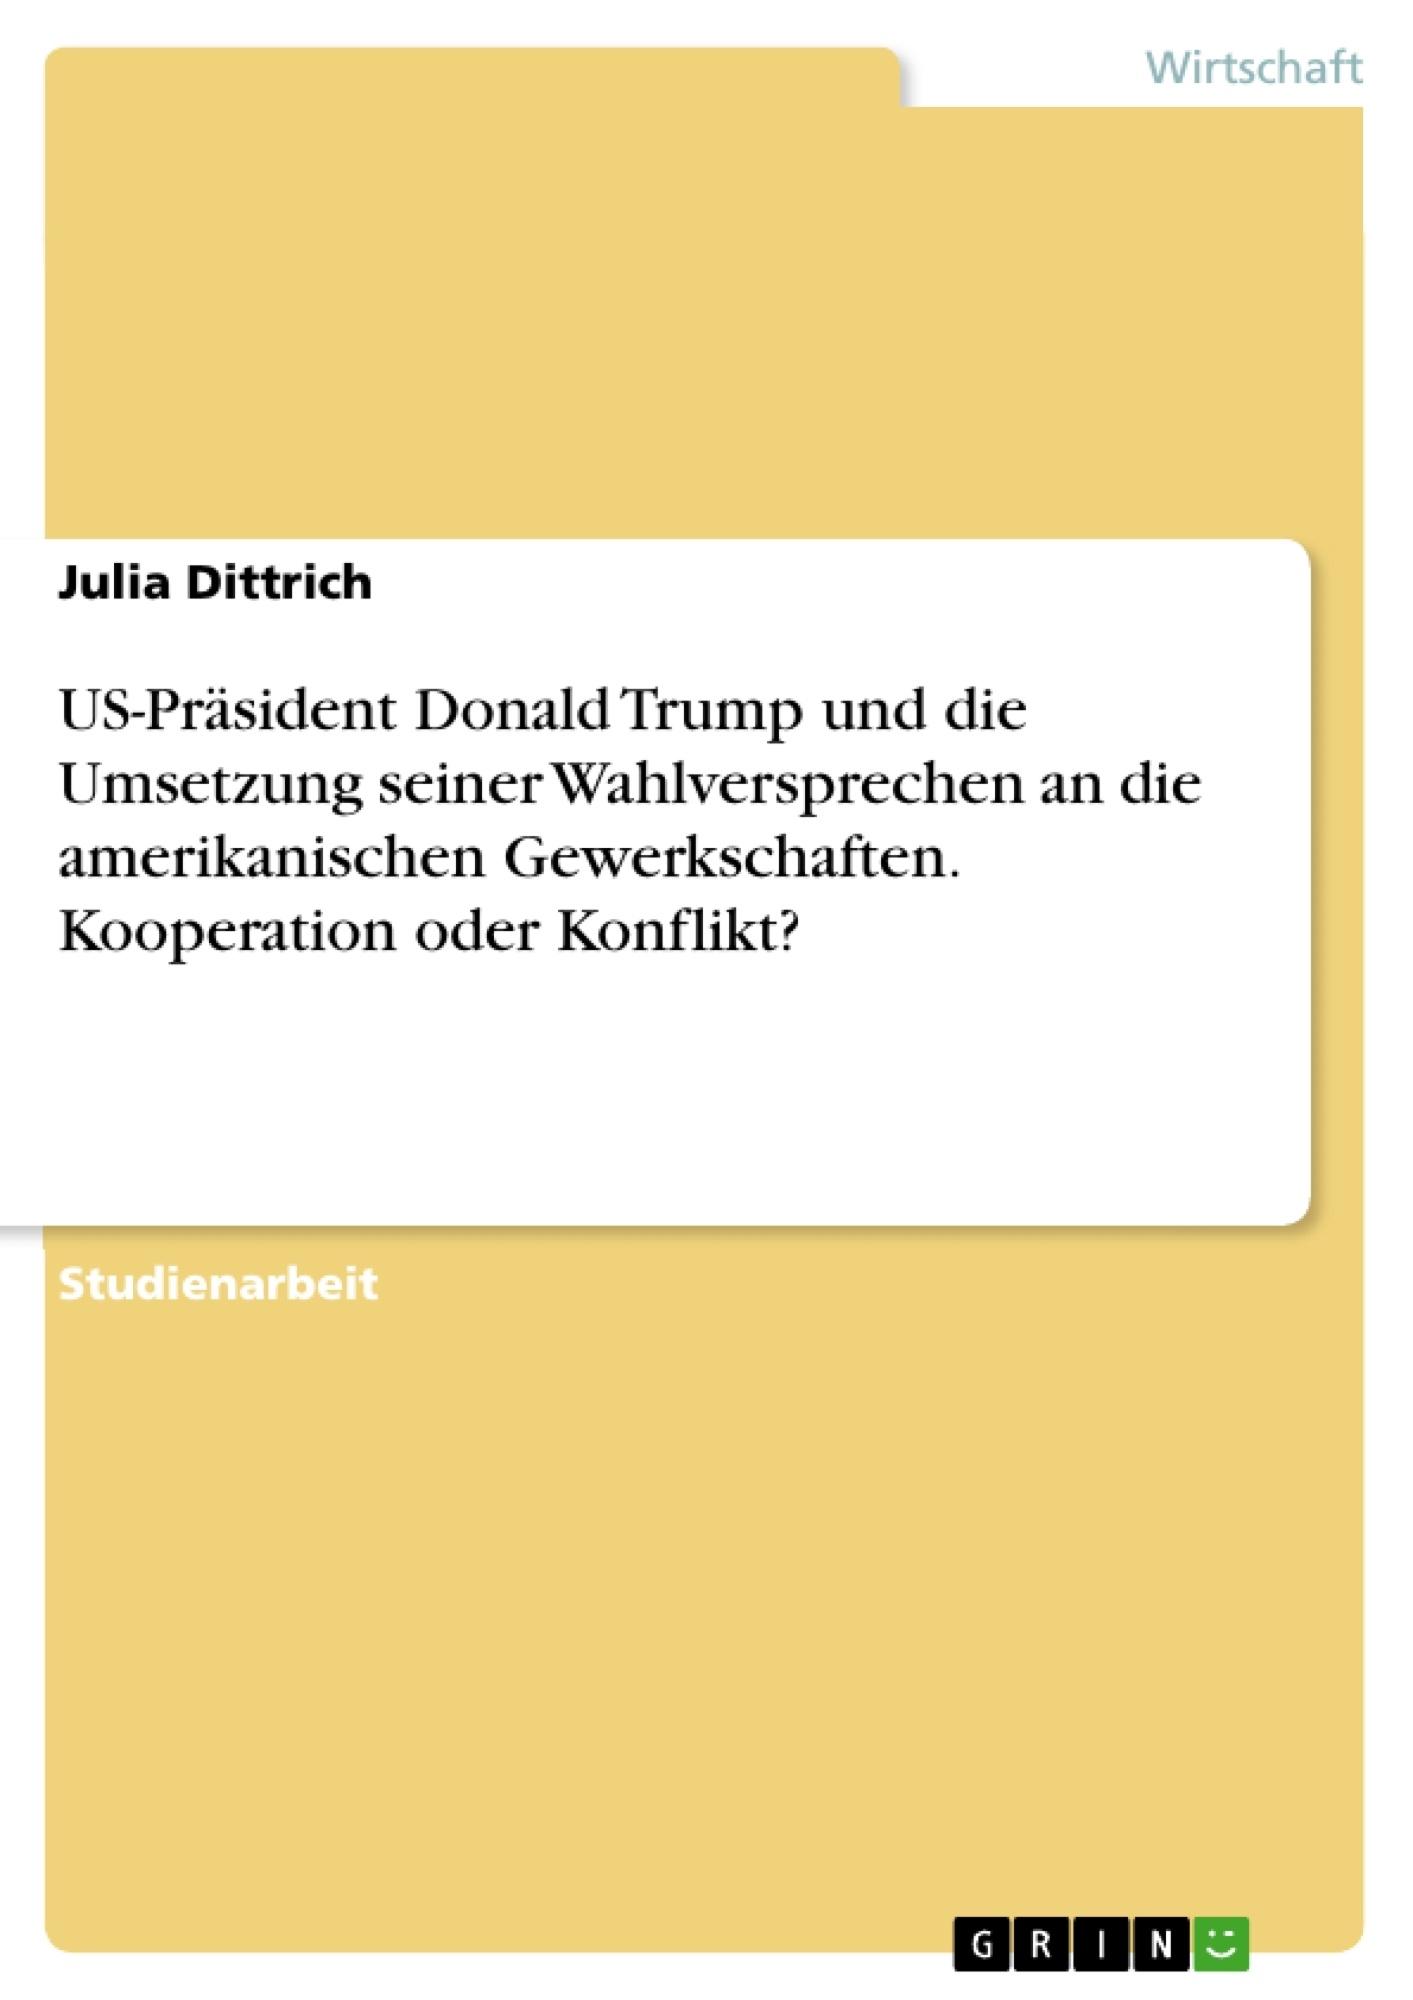 Titel: US-Präsident Donald Trump und die Umsetzung seiner Wahlversprechen an die amerikanischen Gewerkschaften. Kooperation oder Konflikt?